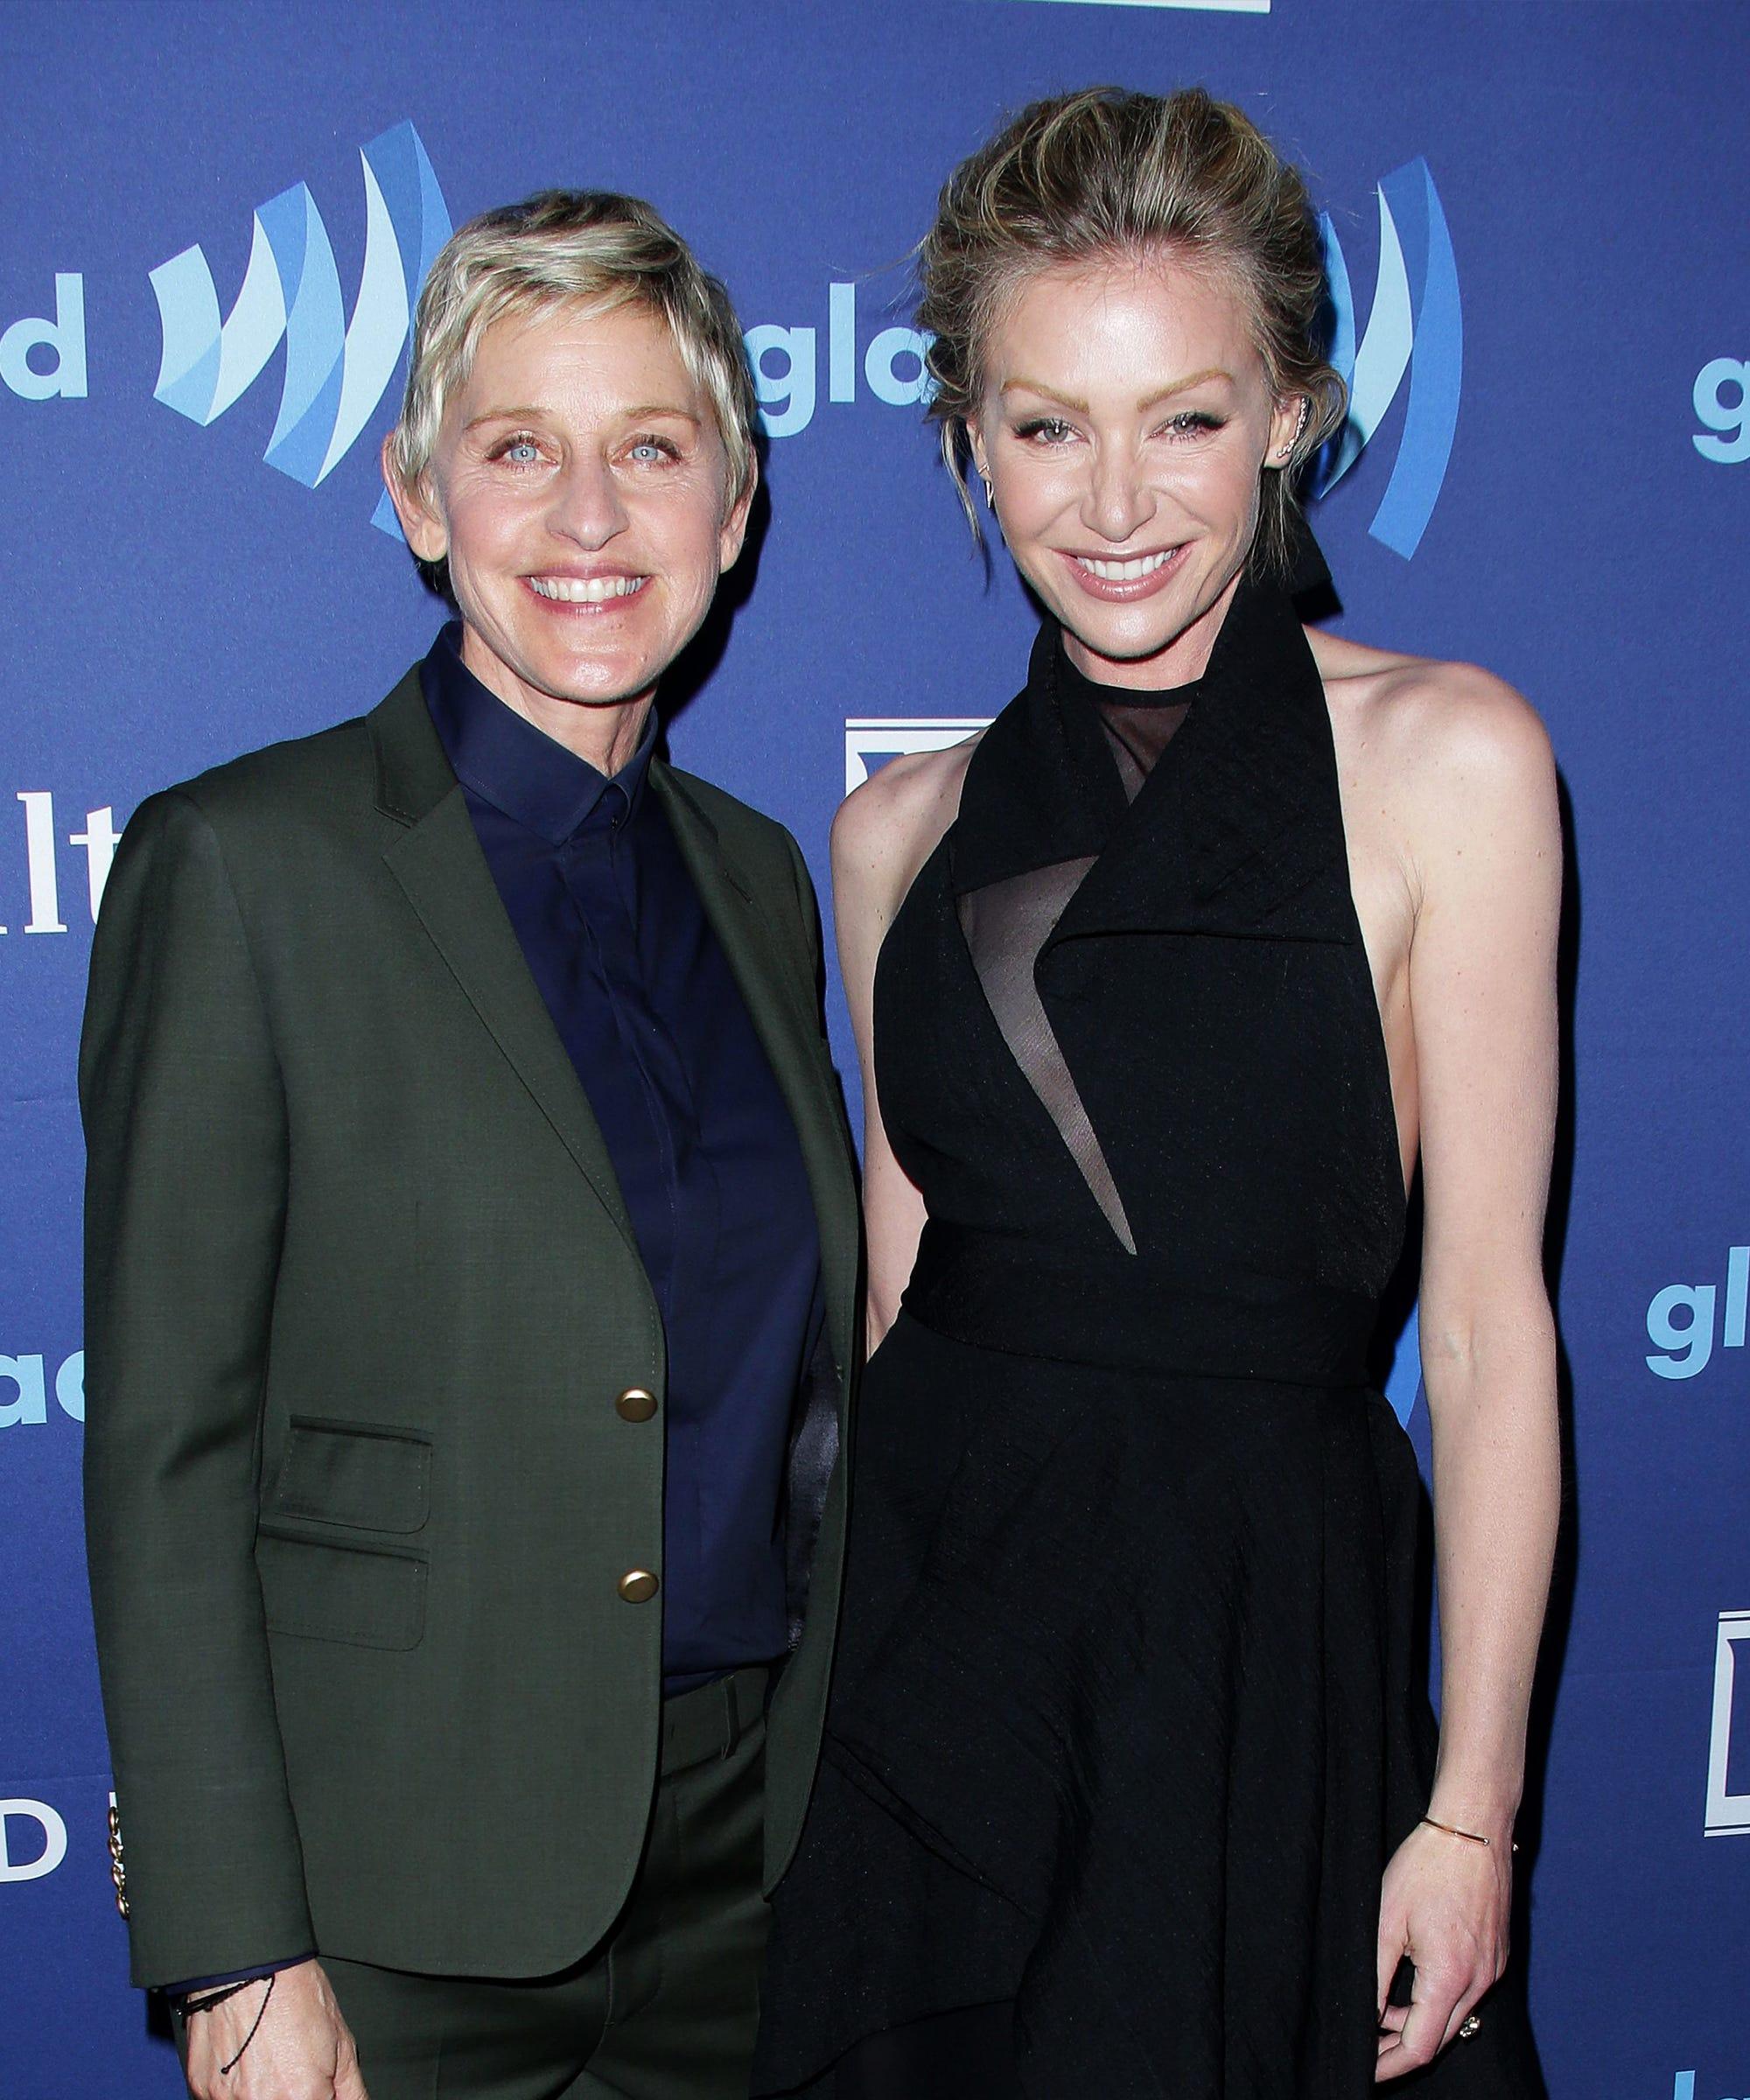 Ellen DeGeneres Portia de Rossi Birthday Photo